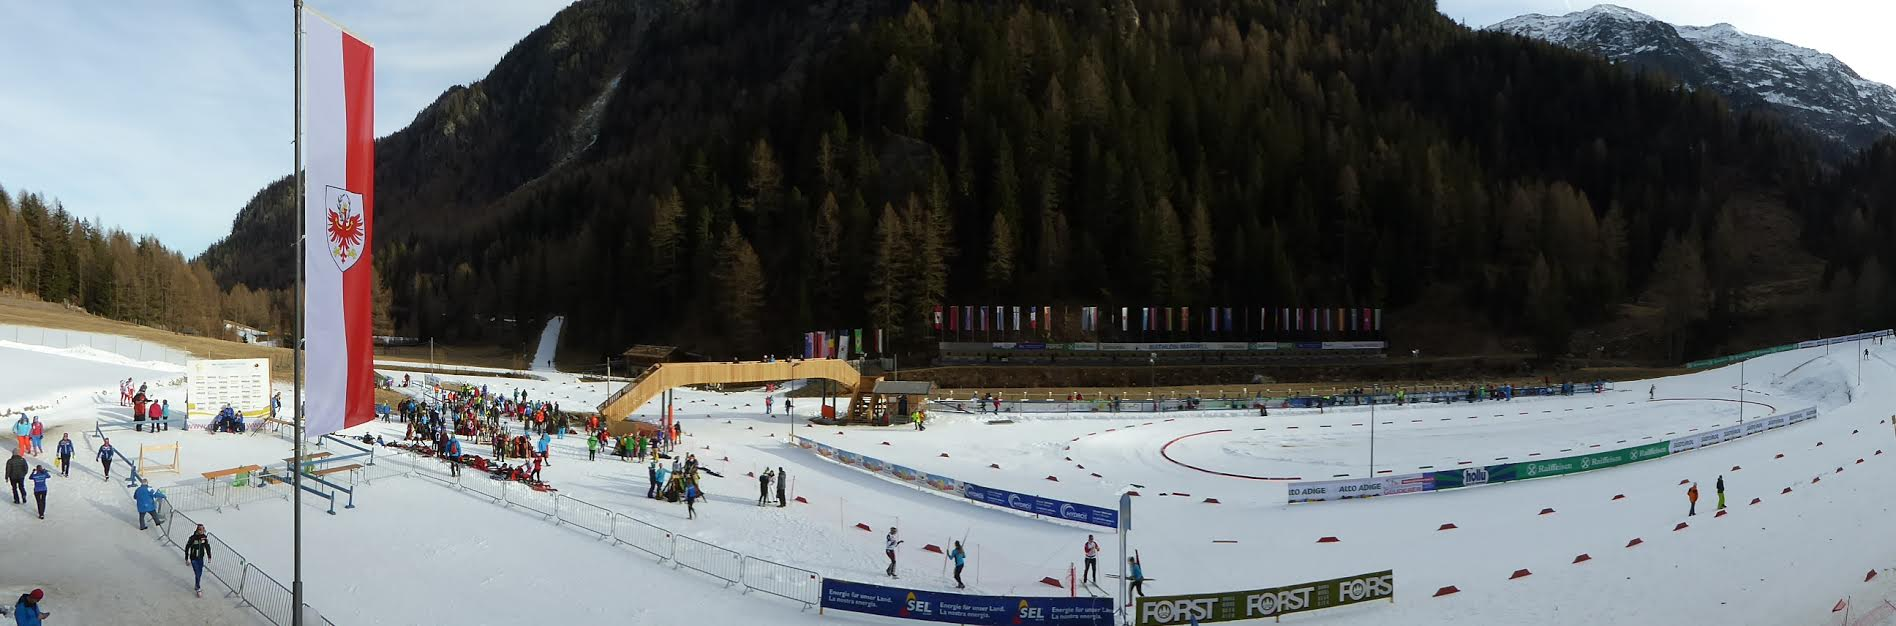 Calendario Biathlon.Biathlon In Val Martello Rodigari E Settimo Bormetti E